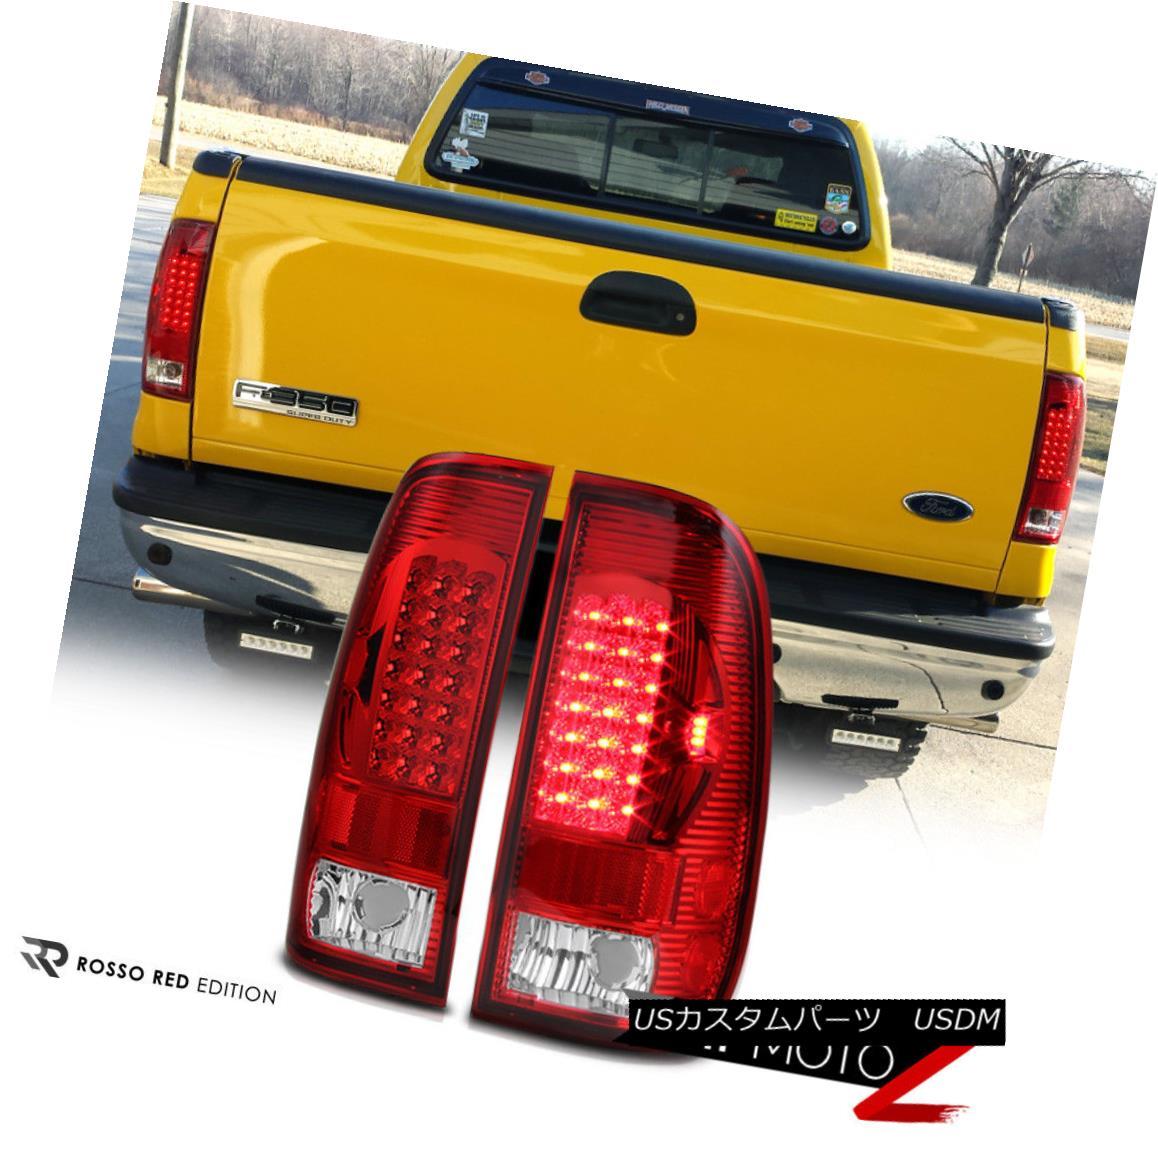 テールライト 97-03 Ford F150 RED/CLEAR LED Brake Signal Tail Light Lamps Left+Right Assembly 97-03 Ford F150 RED / CLEAR LEDブレーキ信号テールライトランプ左右アセンブリ